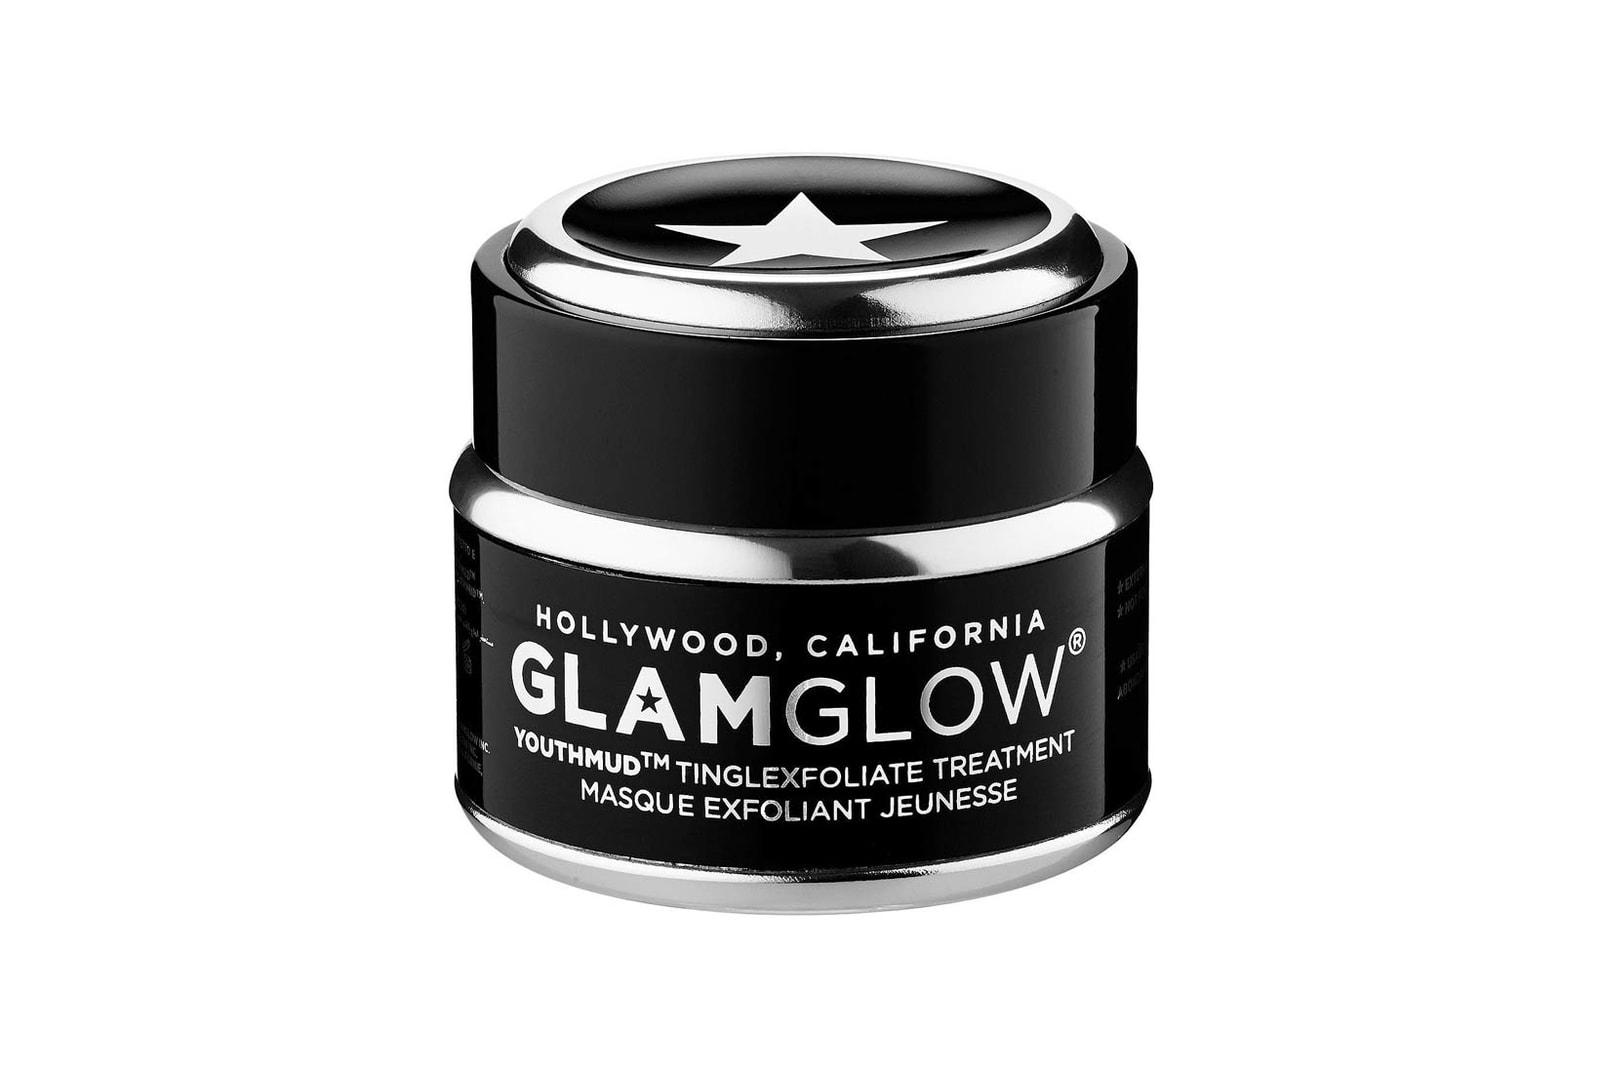 GLAMGLOW Supermud Cleaning Treatment Youthmud Gravitymud Firming Thirstymud Flashmud Powermud